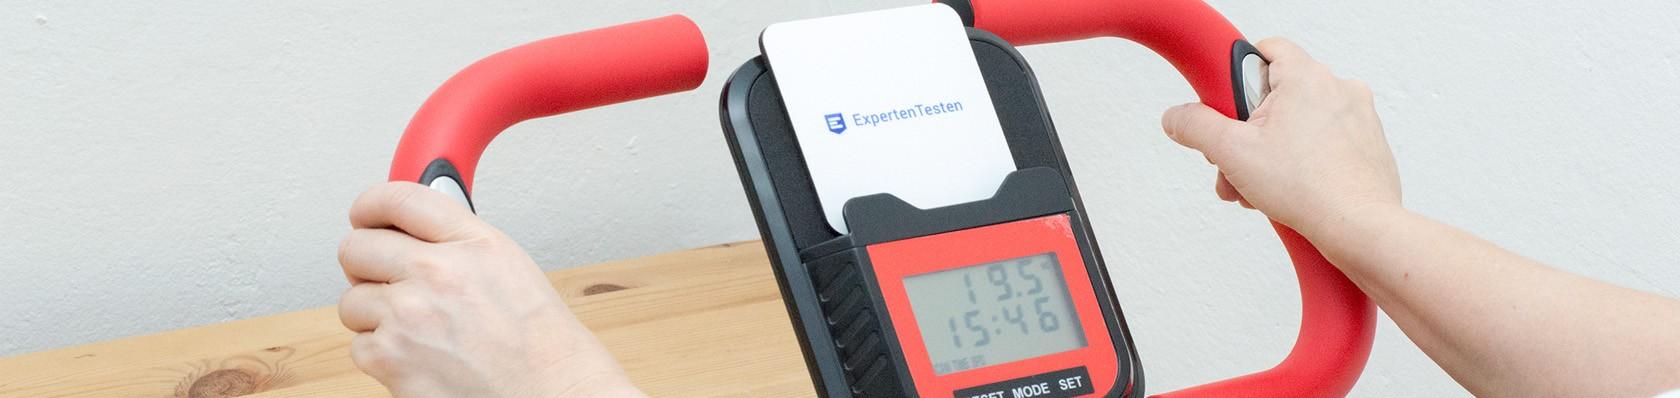 Heimtrainer Fahrräder im Test auf ExpertenTesten.de